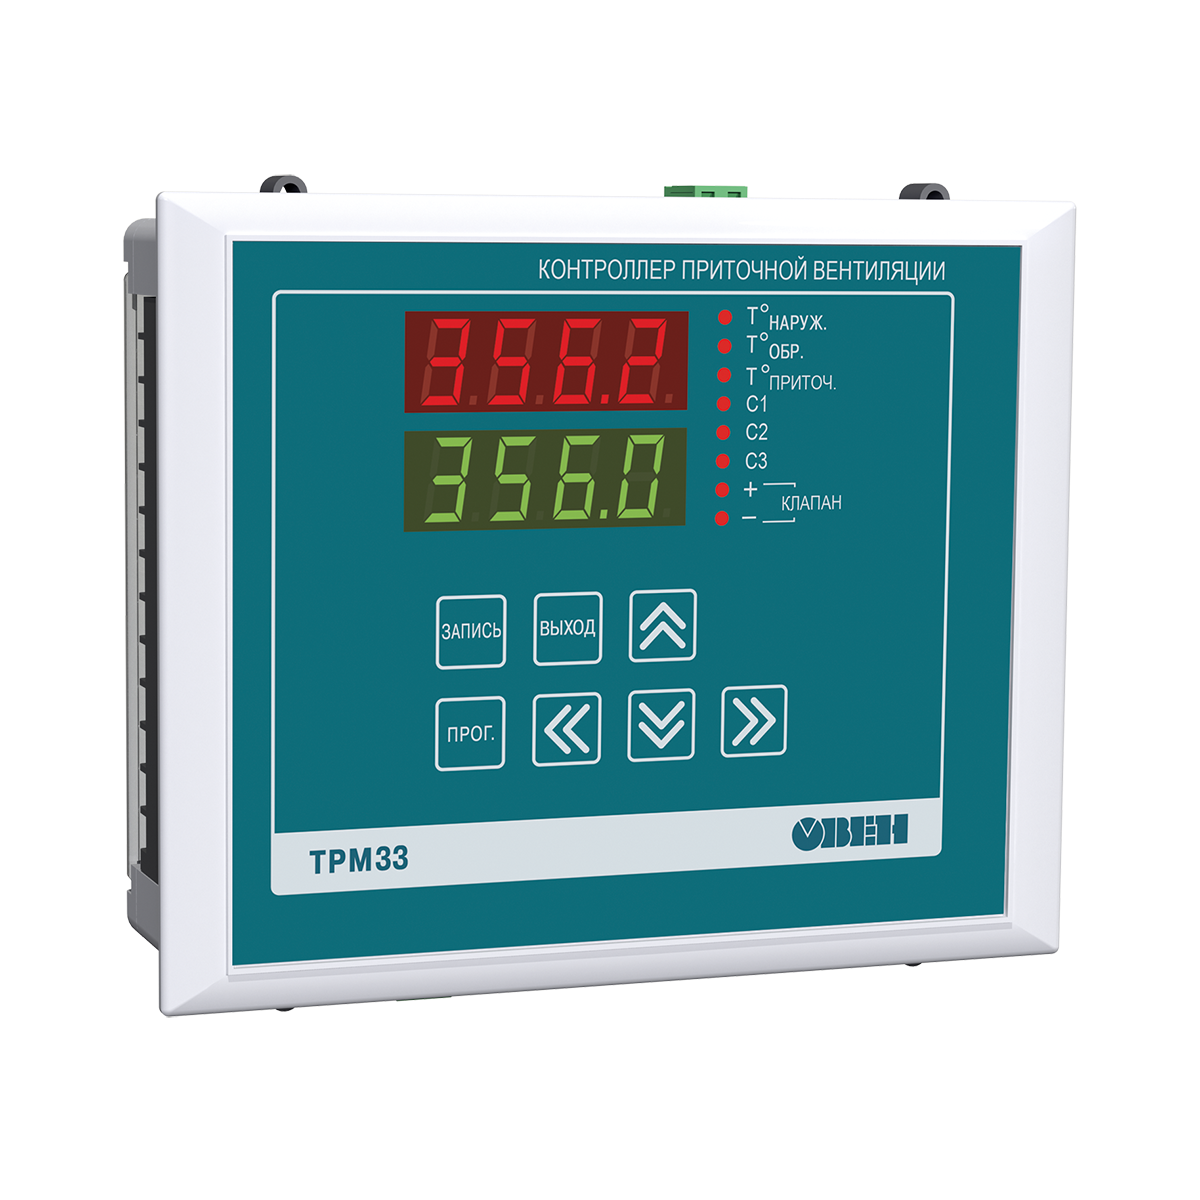 ТРМ33 контроллер для вентиляции